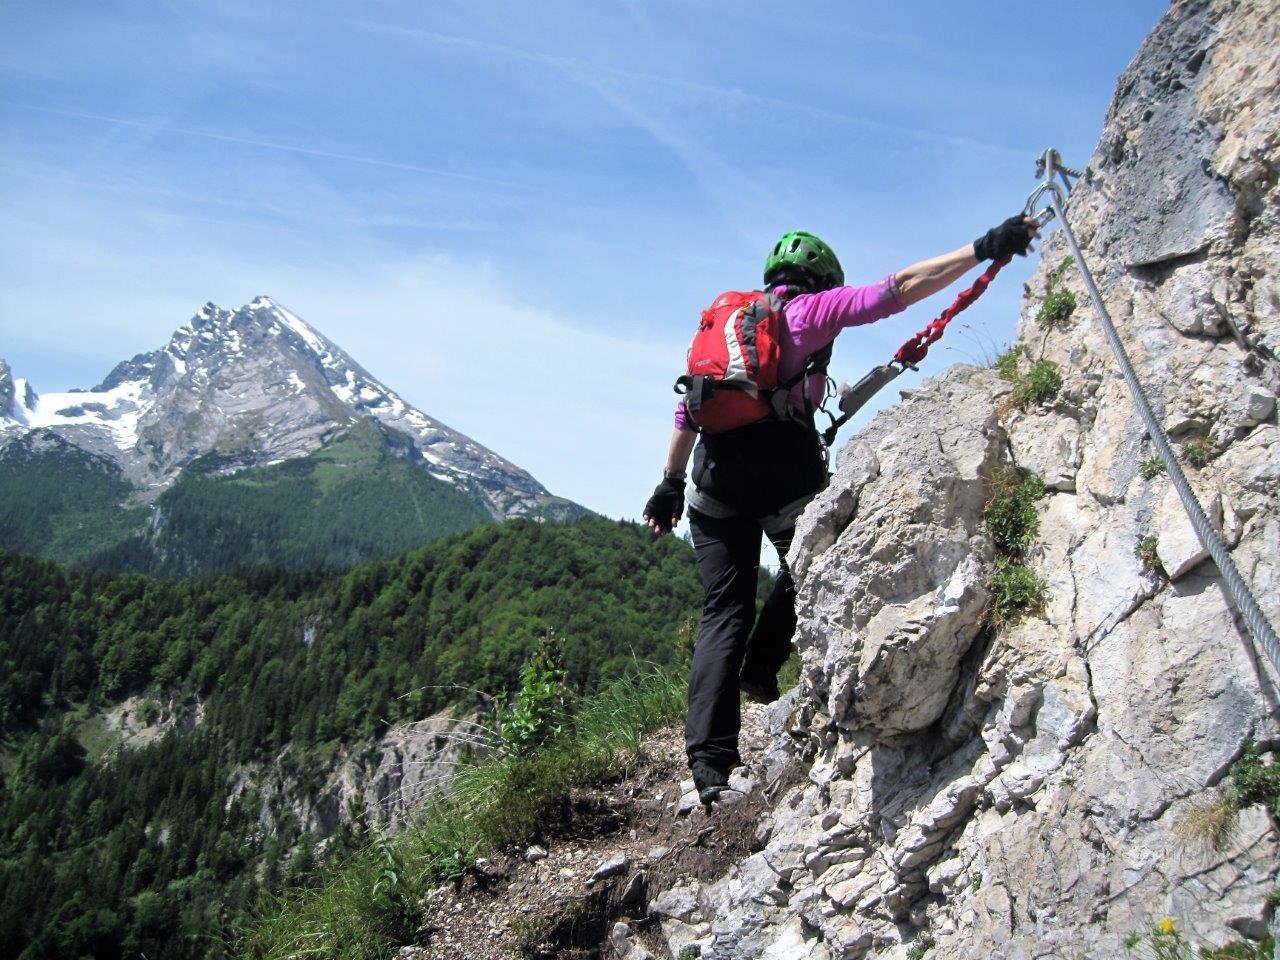 Klettersteig Königssee : Schönau am königssee mit hubschrauber aus klettersteig gerettet